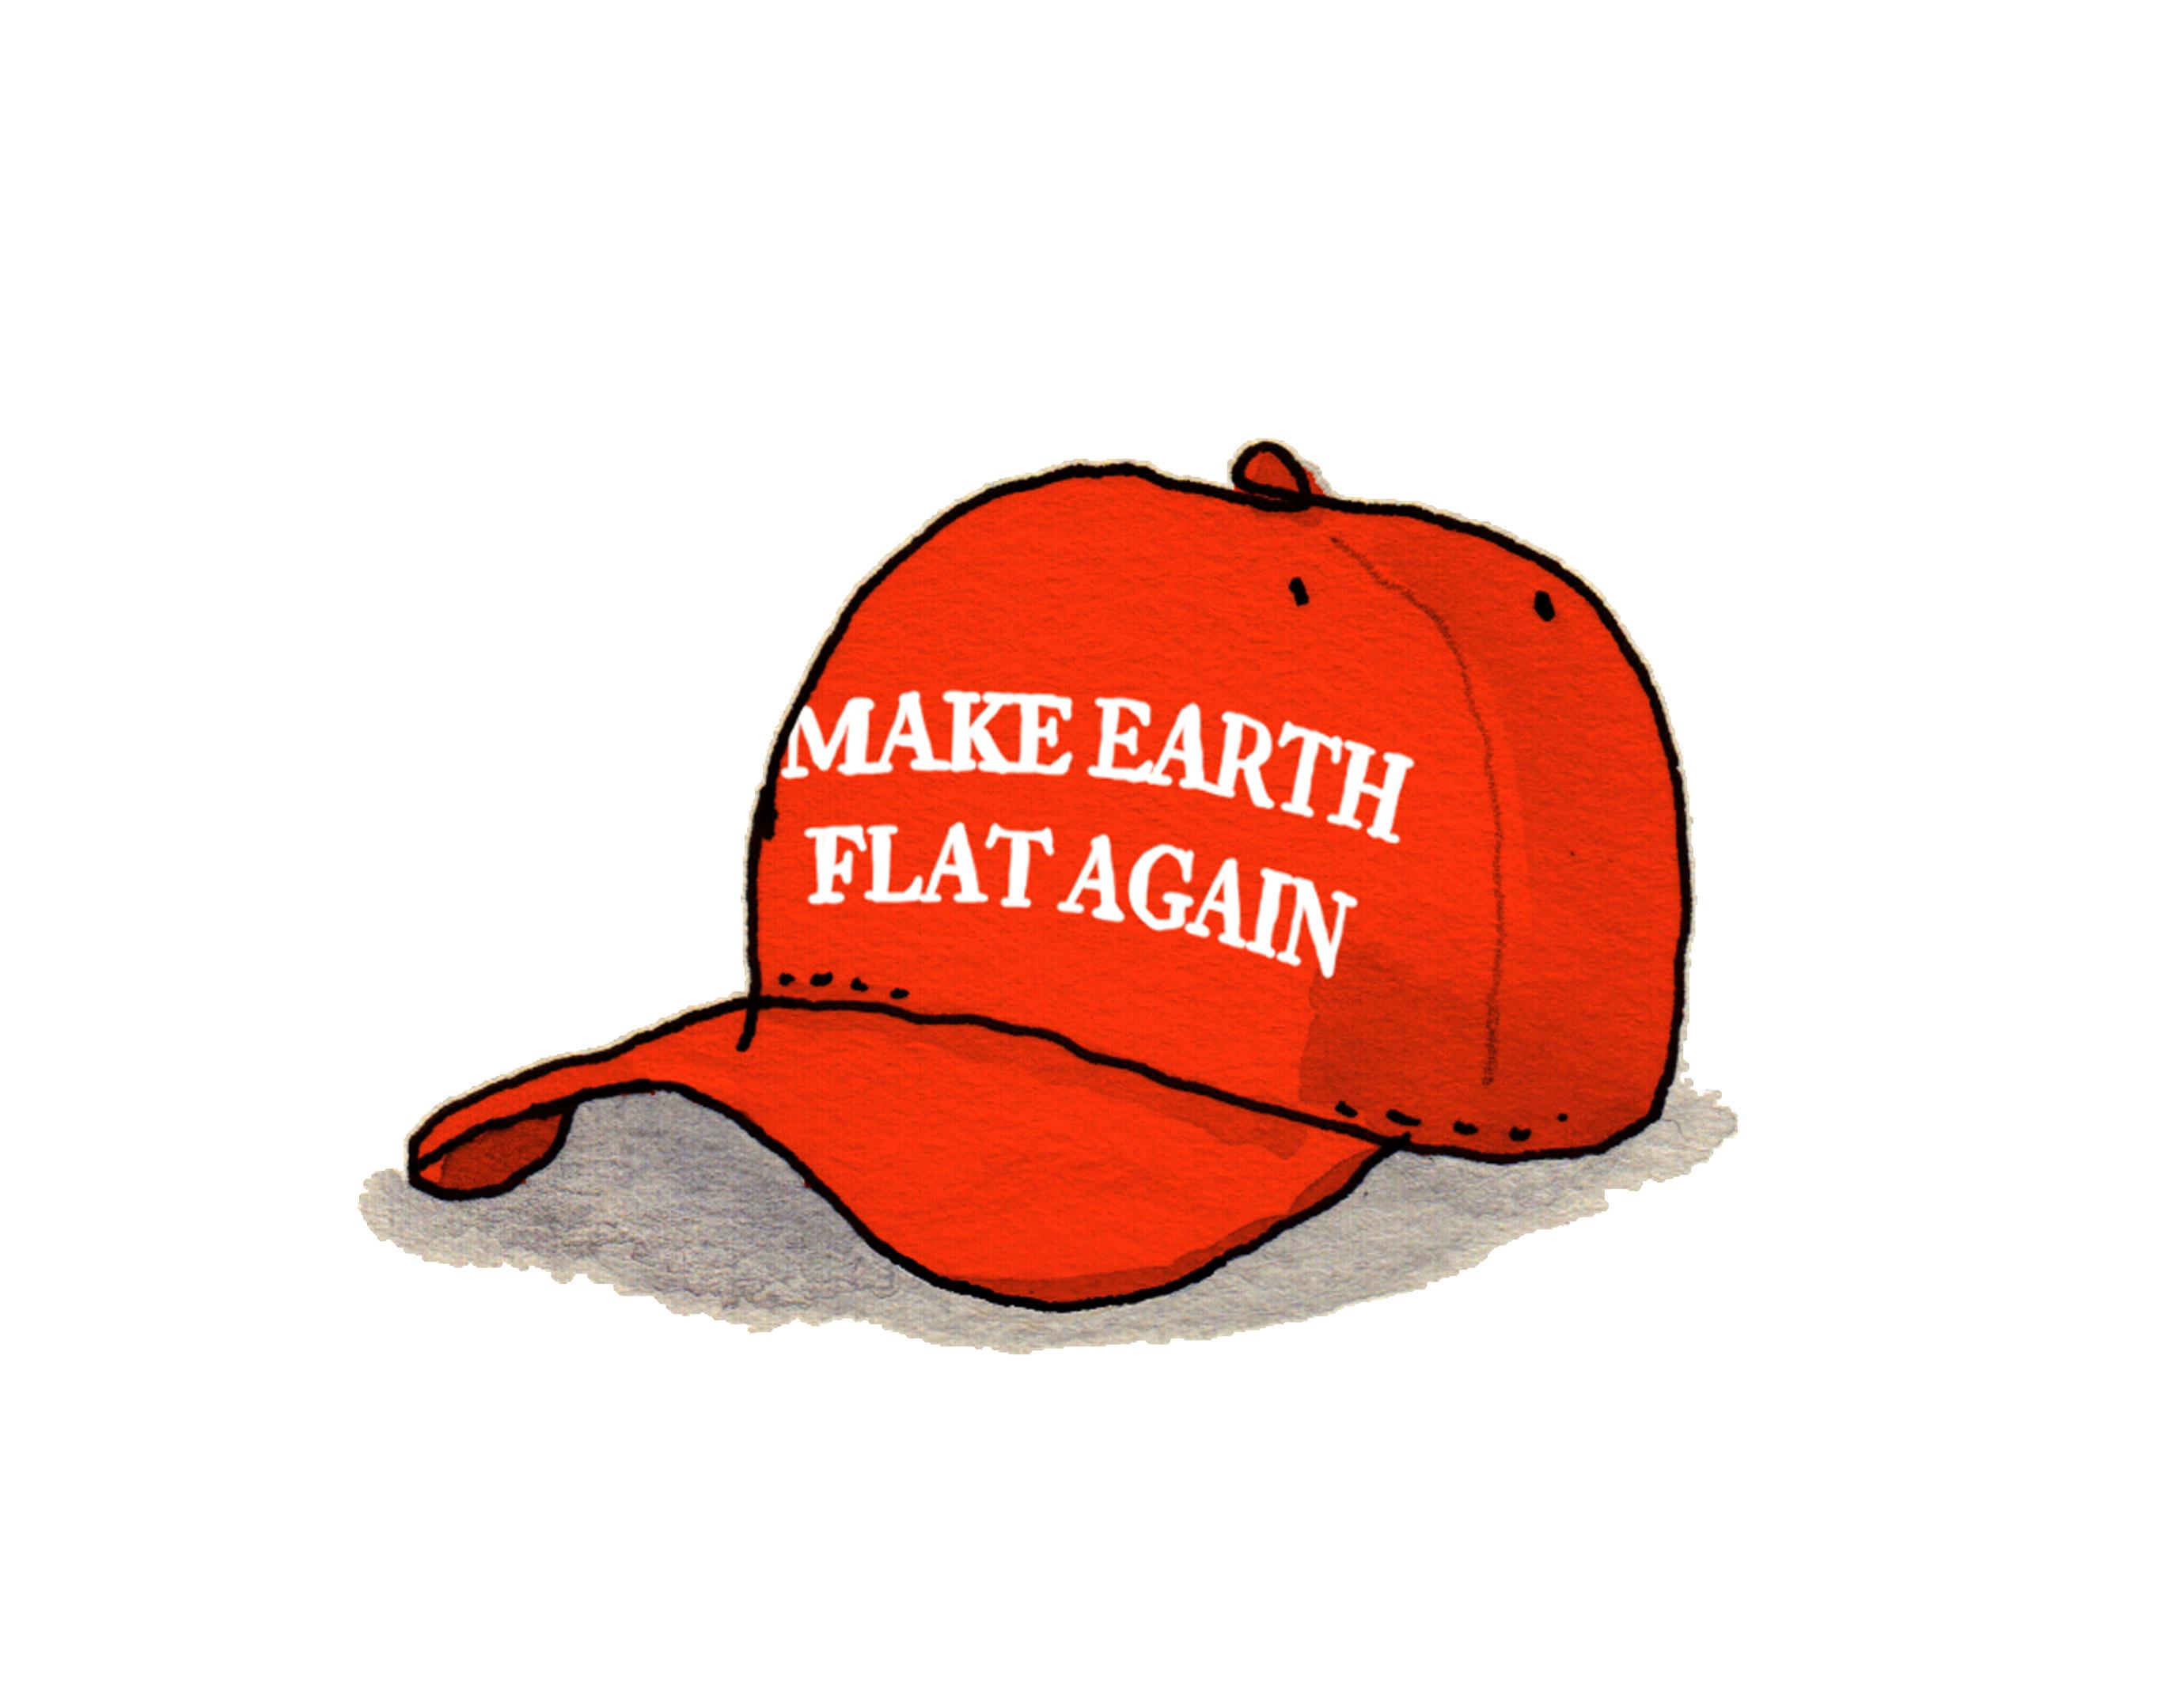 """<b> <a href=""""https://www.technologyreview.com/s/603350/will-science-have-a-seat-at-president-trumps-table/""""> ¿Tendrá la ciencia un asiento en casa del presidente Trump? Tabla? </a> </ b> <br> Ilustración de Victor Kerlow"""